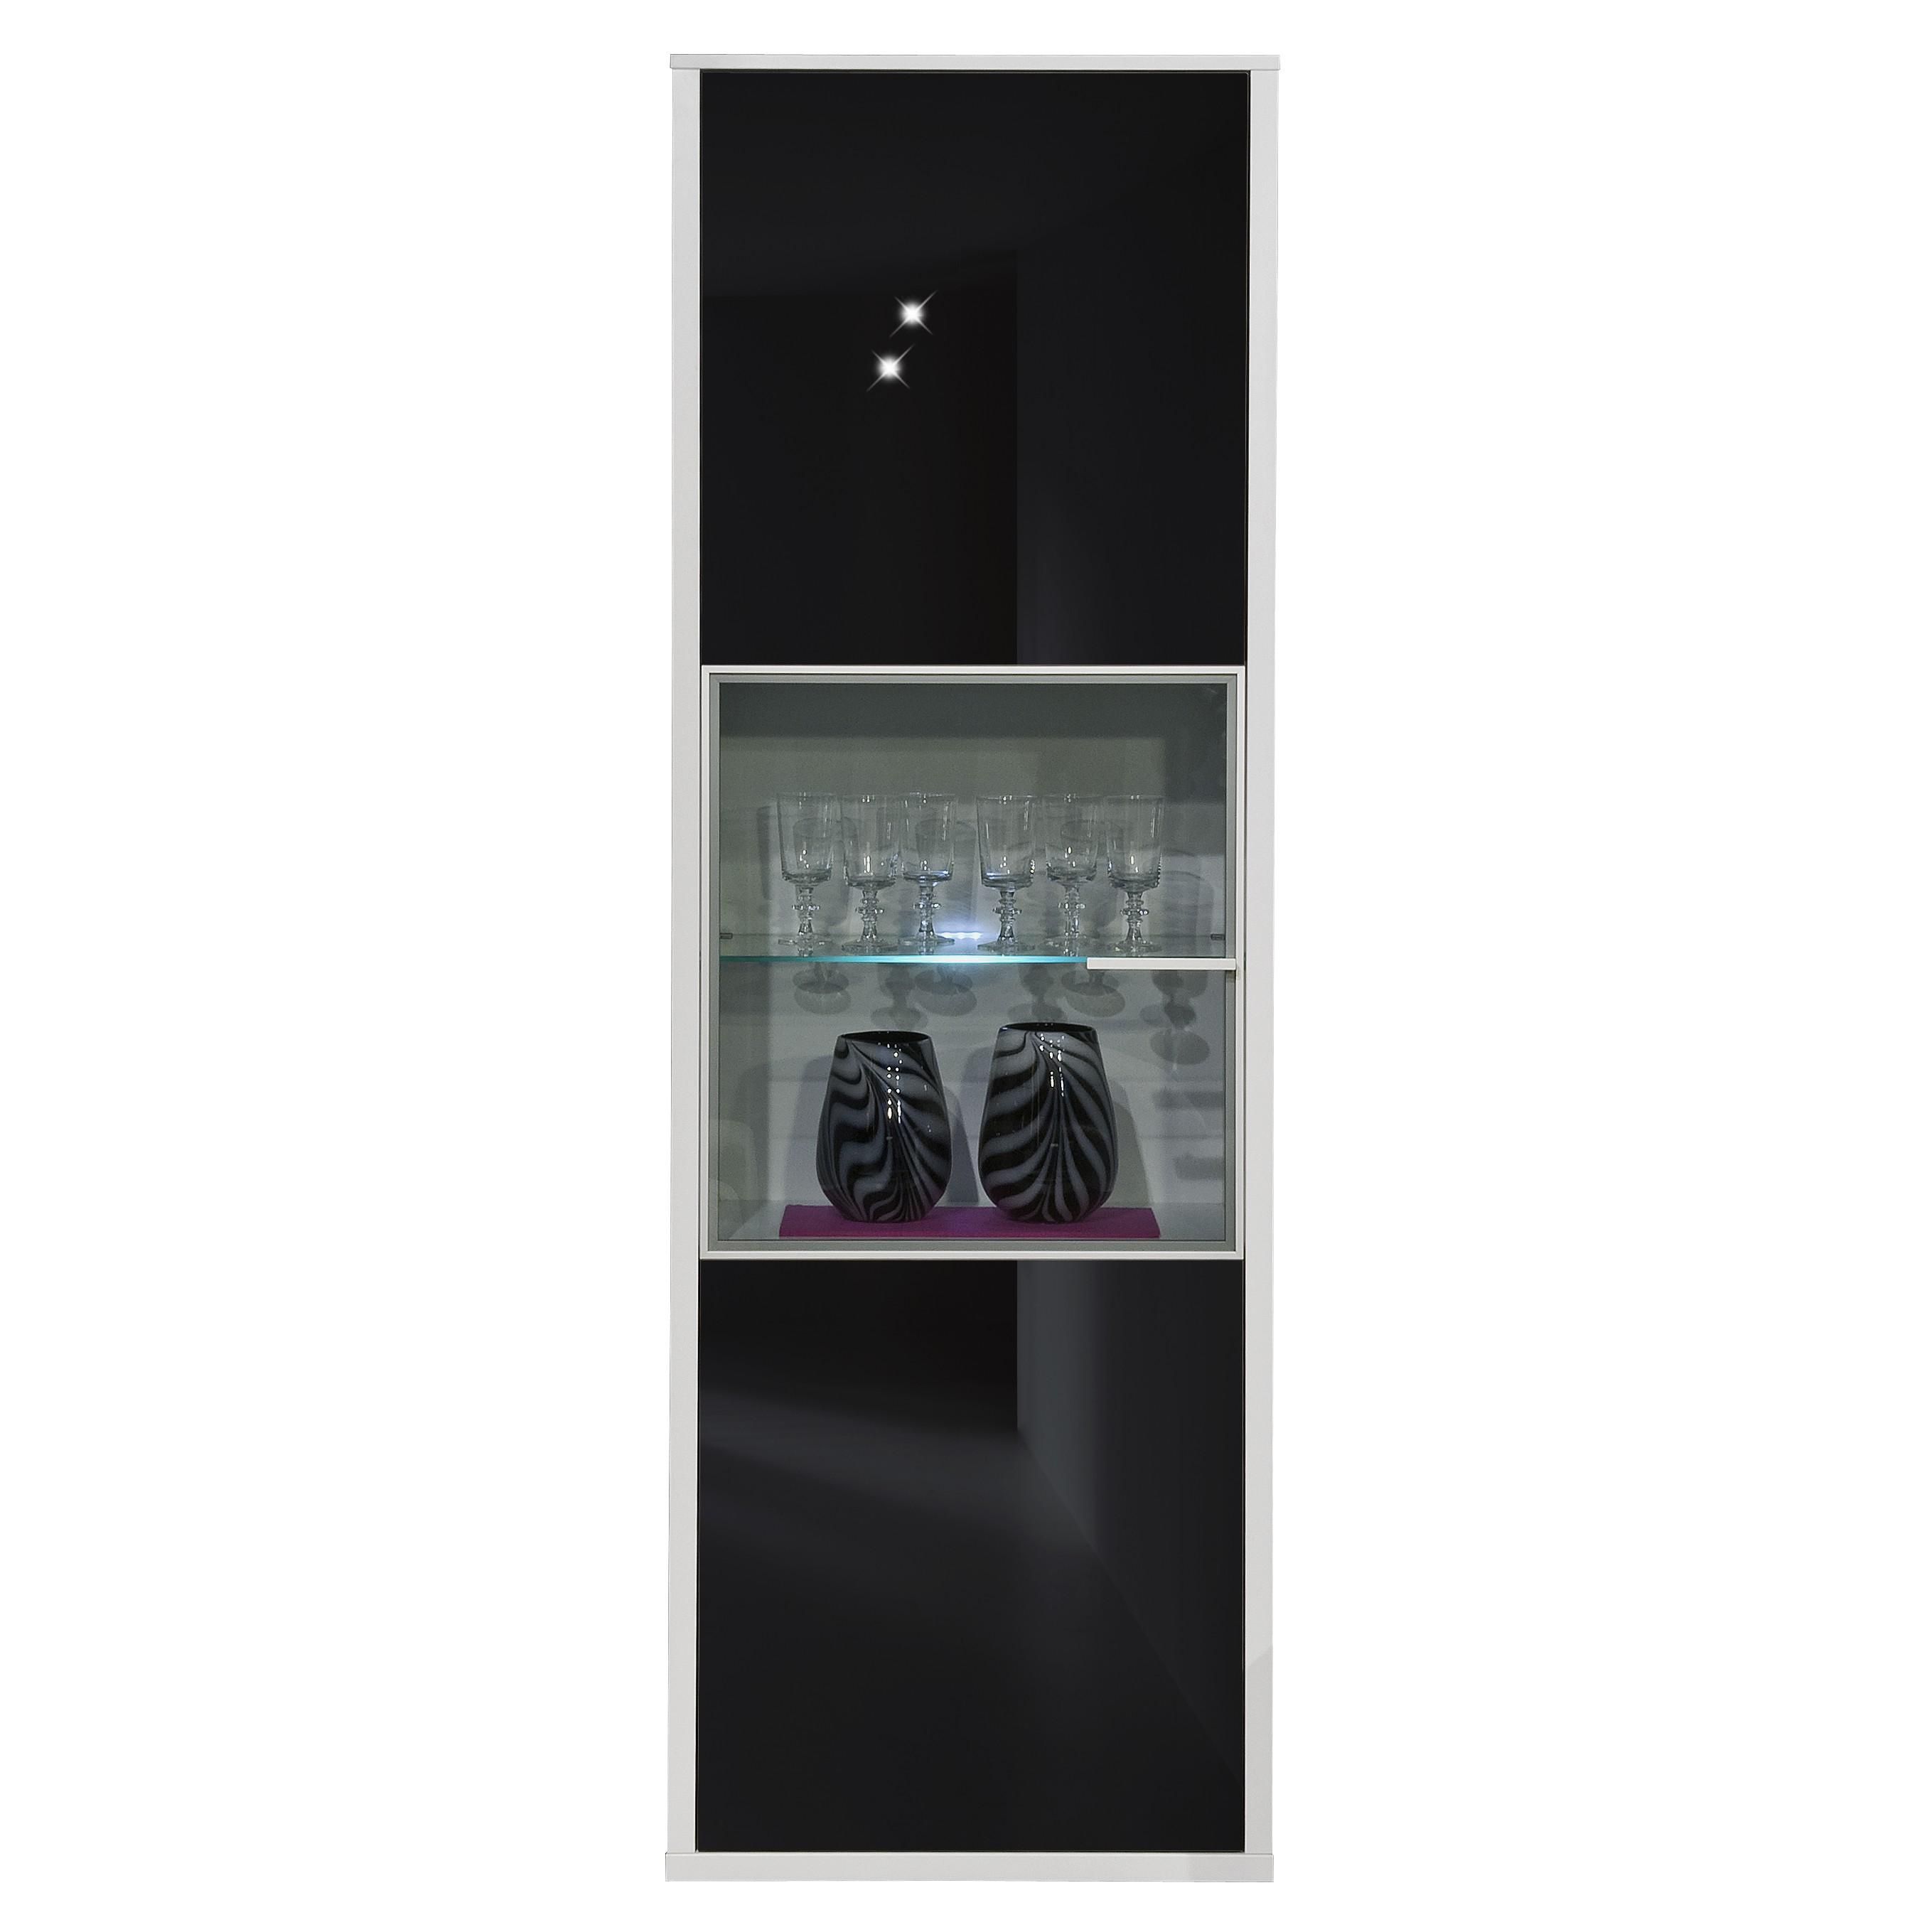 arte m archive. Black Bedroom Furniture Sets. Home Design Ideas